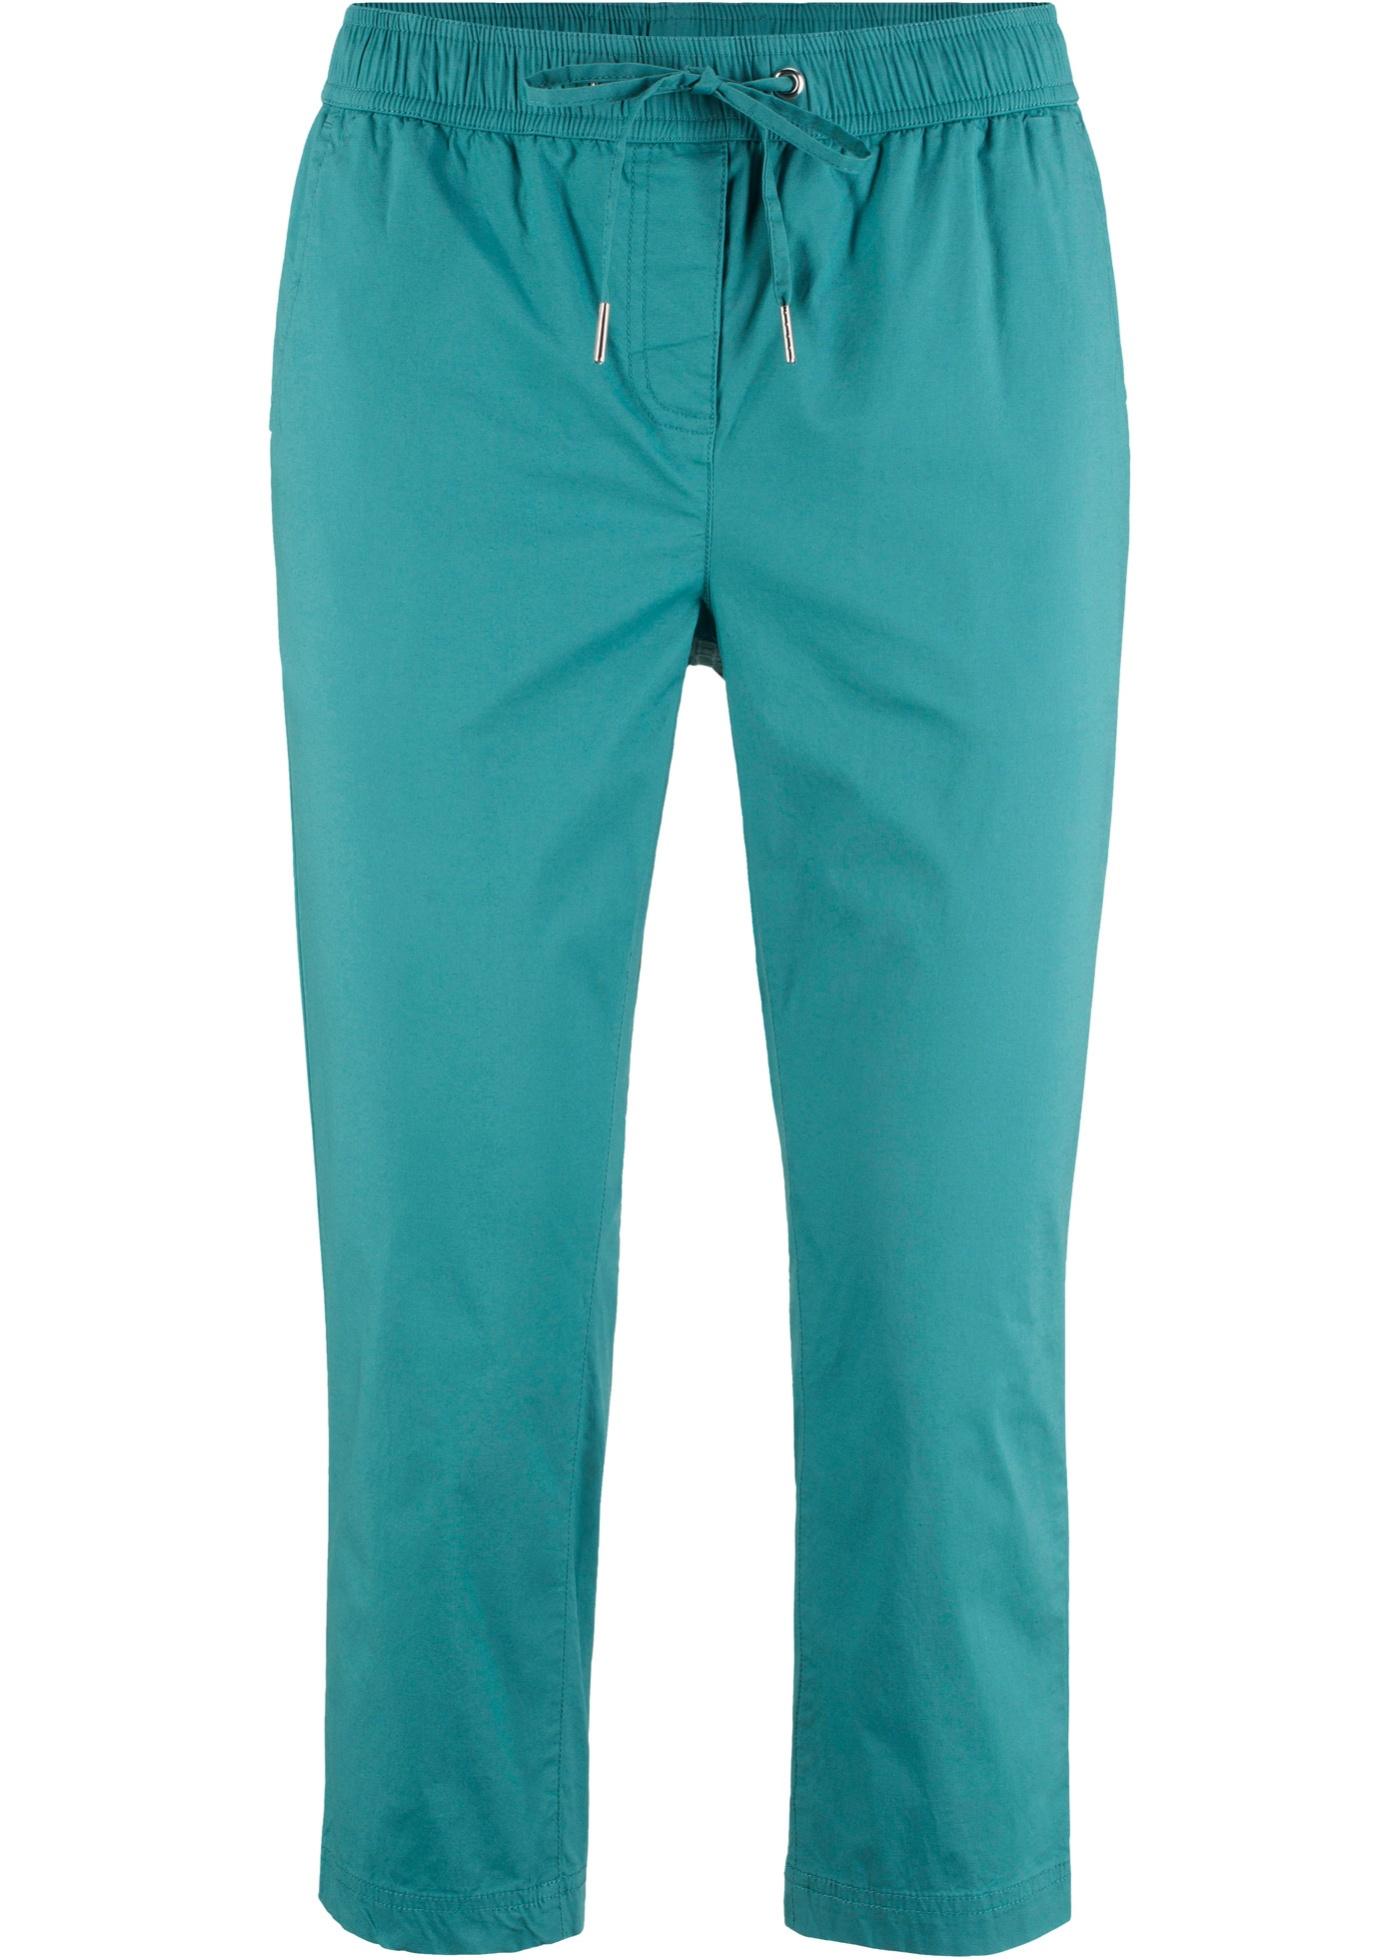 Bilde av 3/4-lang bukse med knytebånd